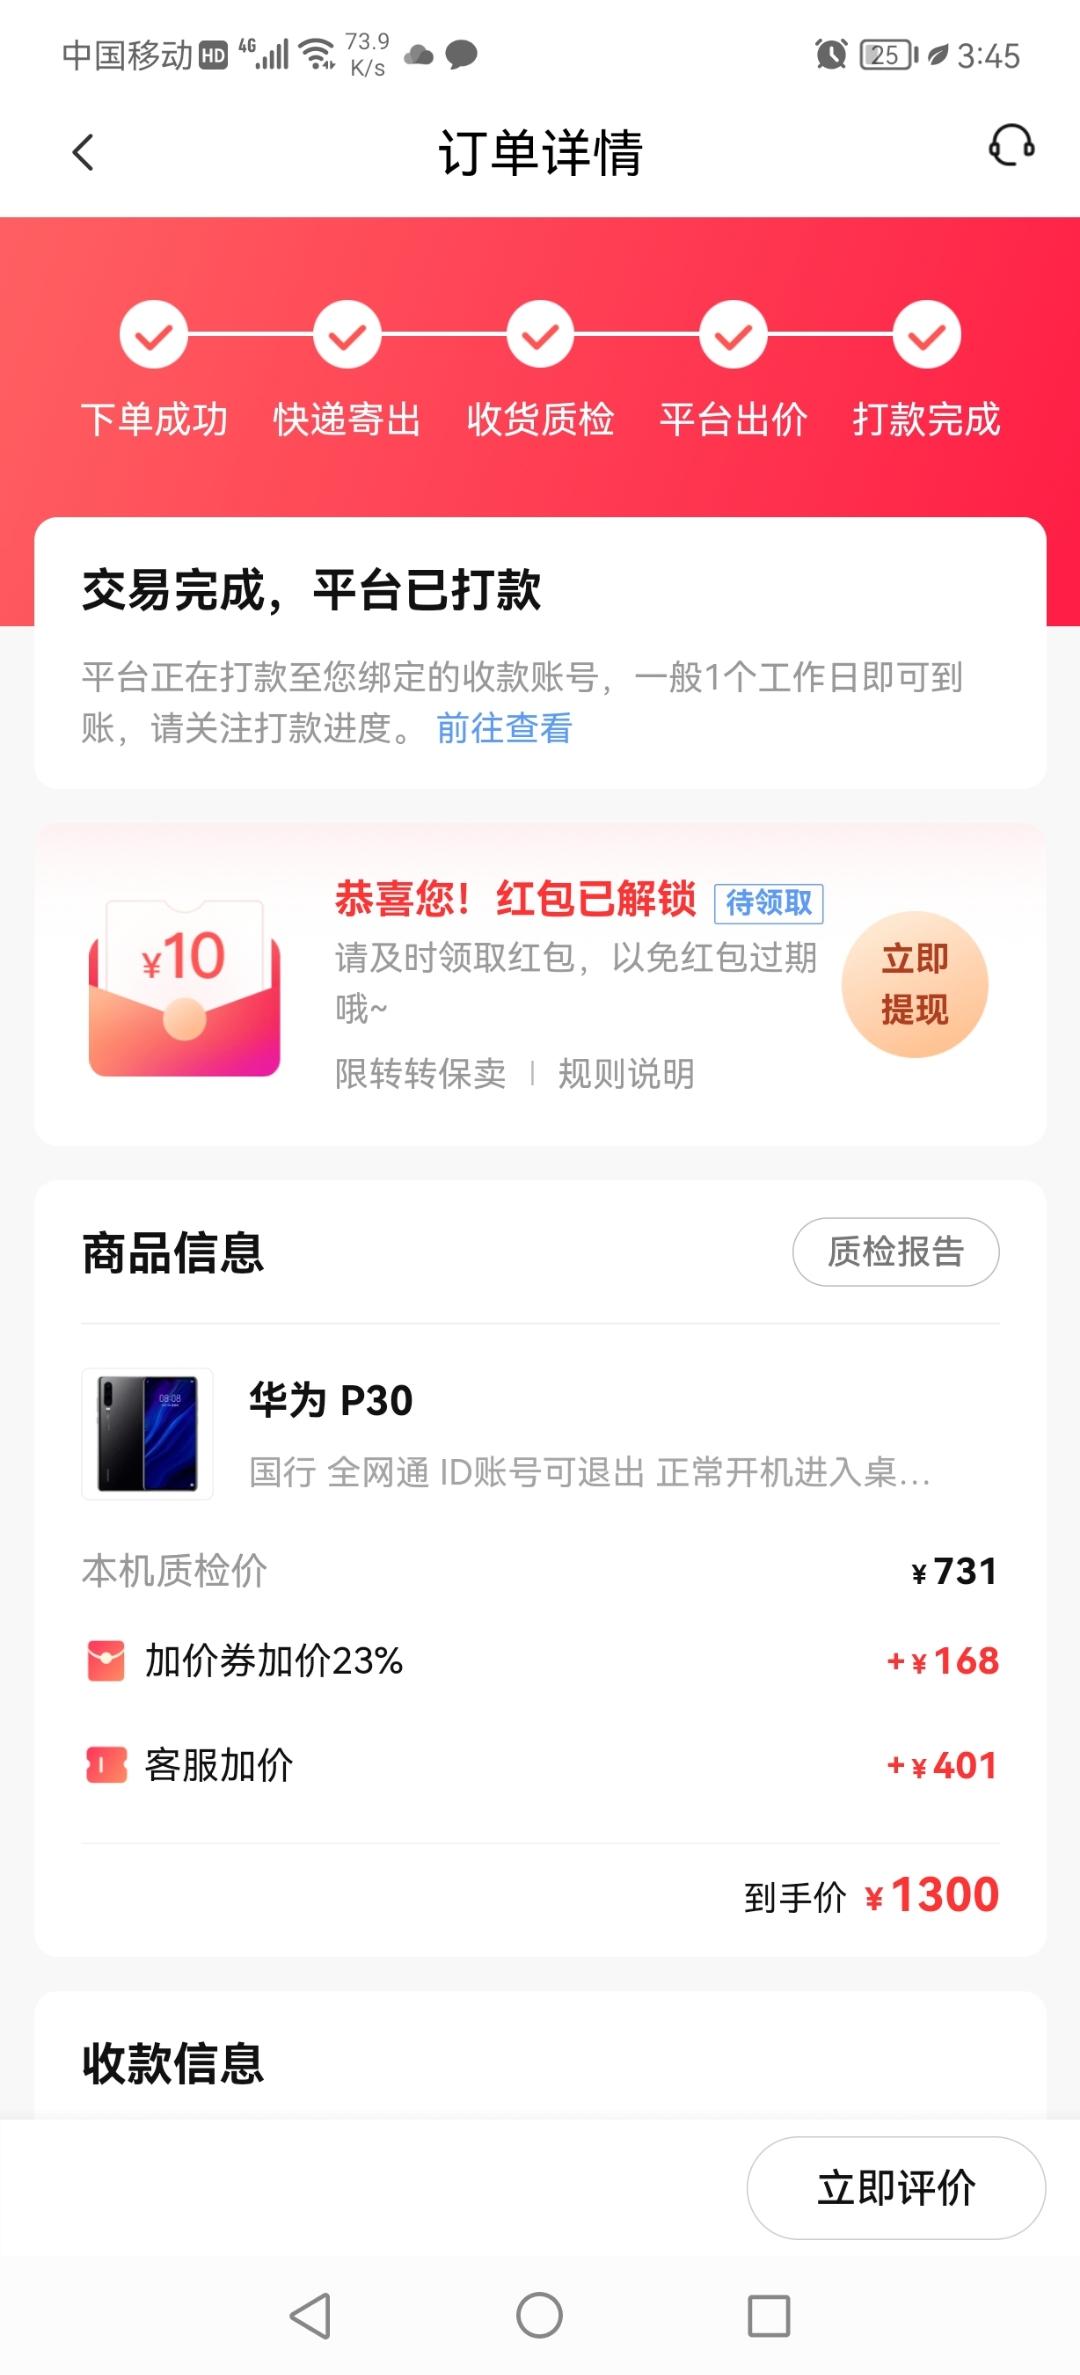 Screenshot_20210924_154546_com.wuba.zhuanzhuan.jpg